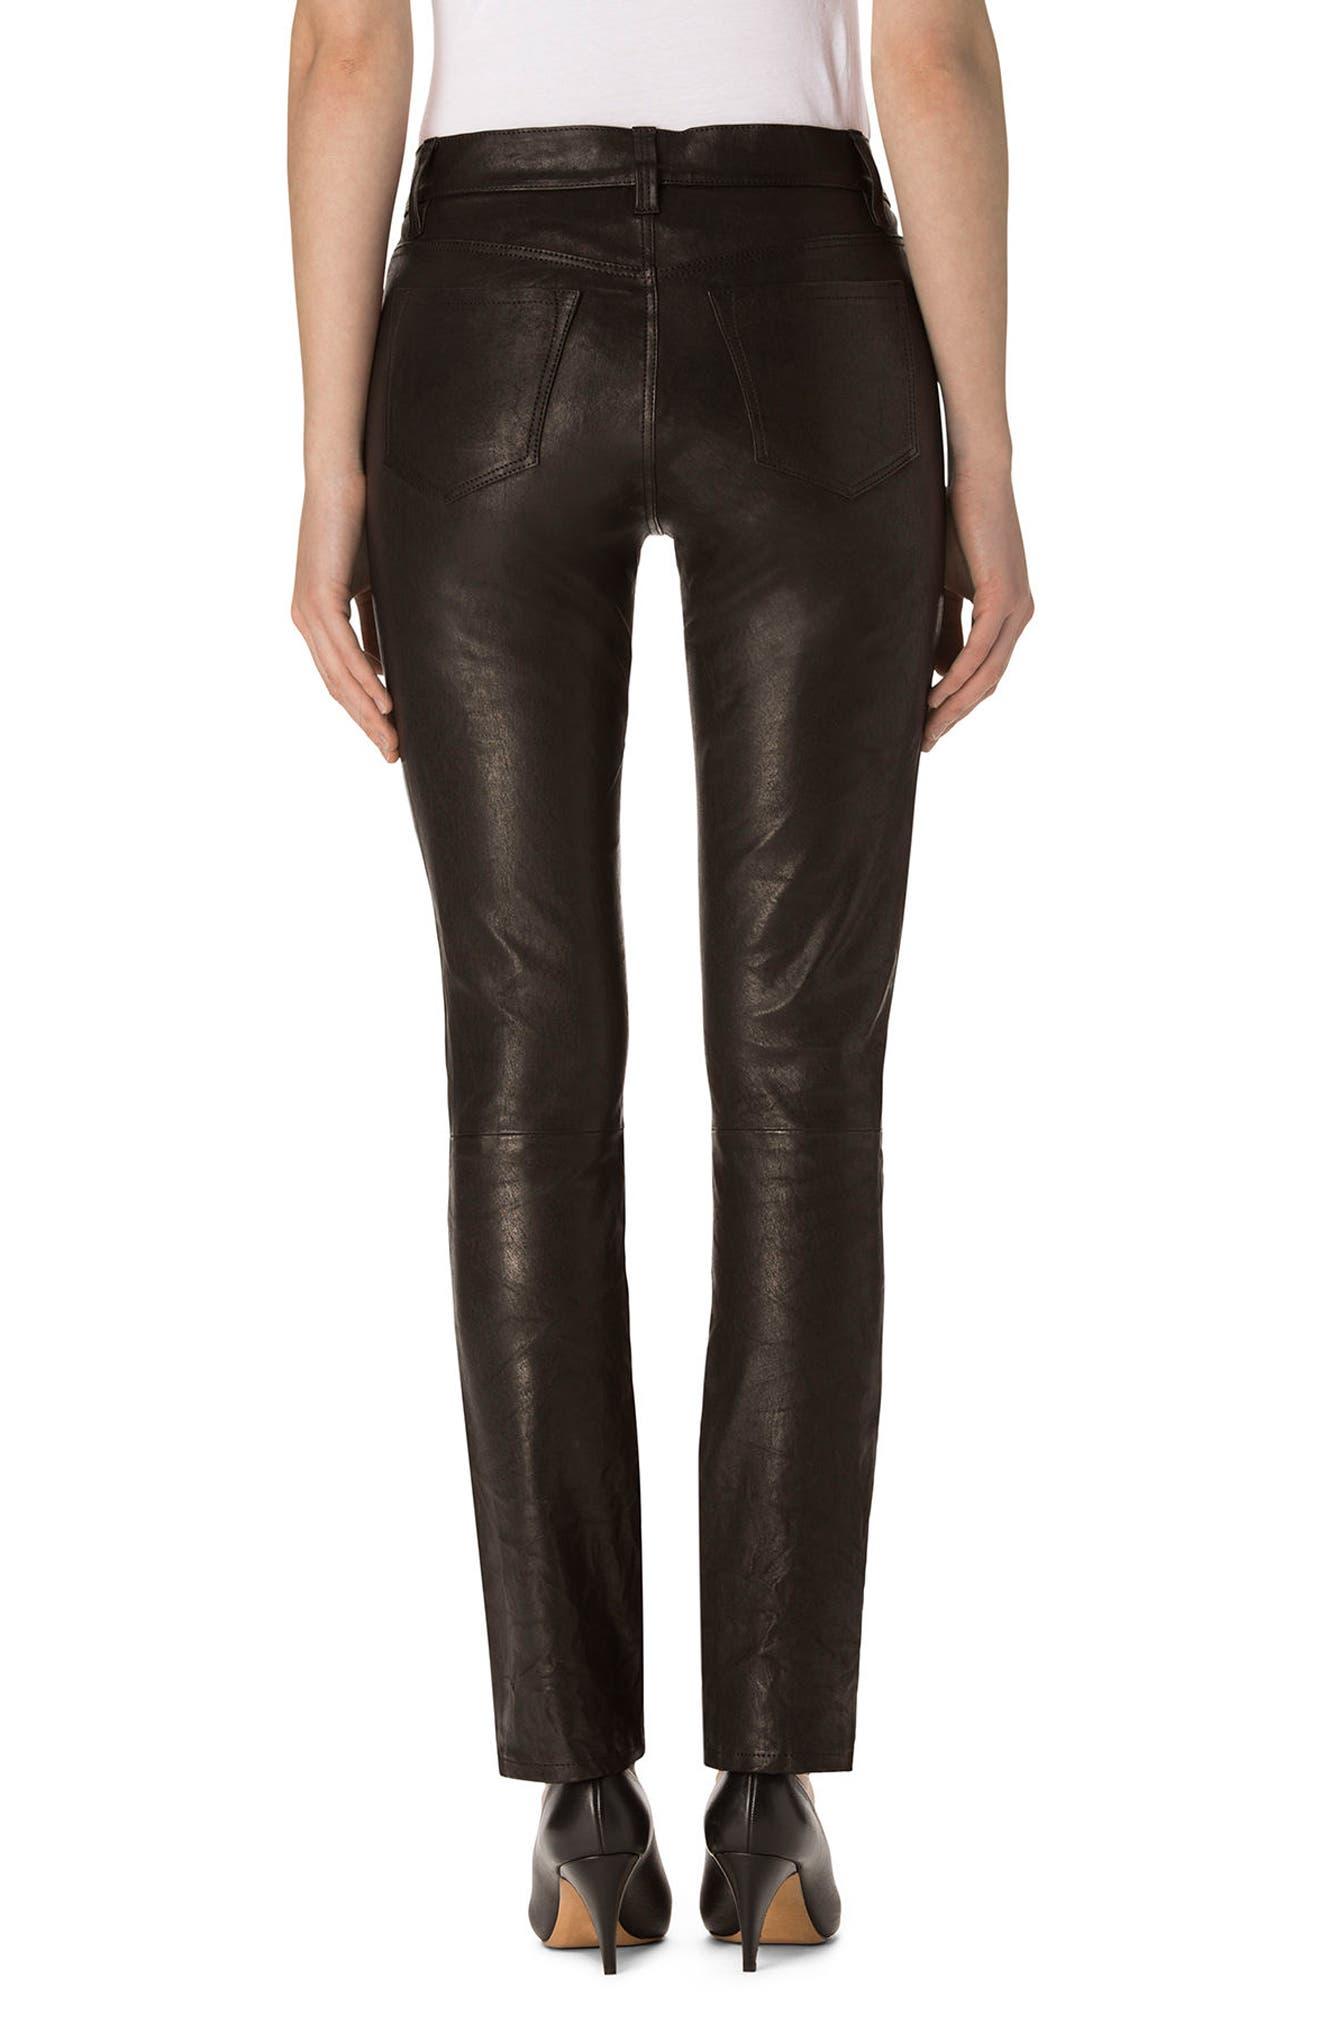 Maude Leather Cigarette Pants,                             Alternate thumbnail 2, color,                             001